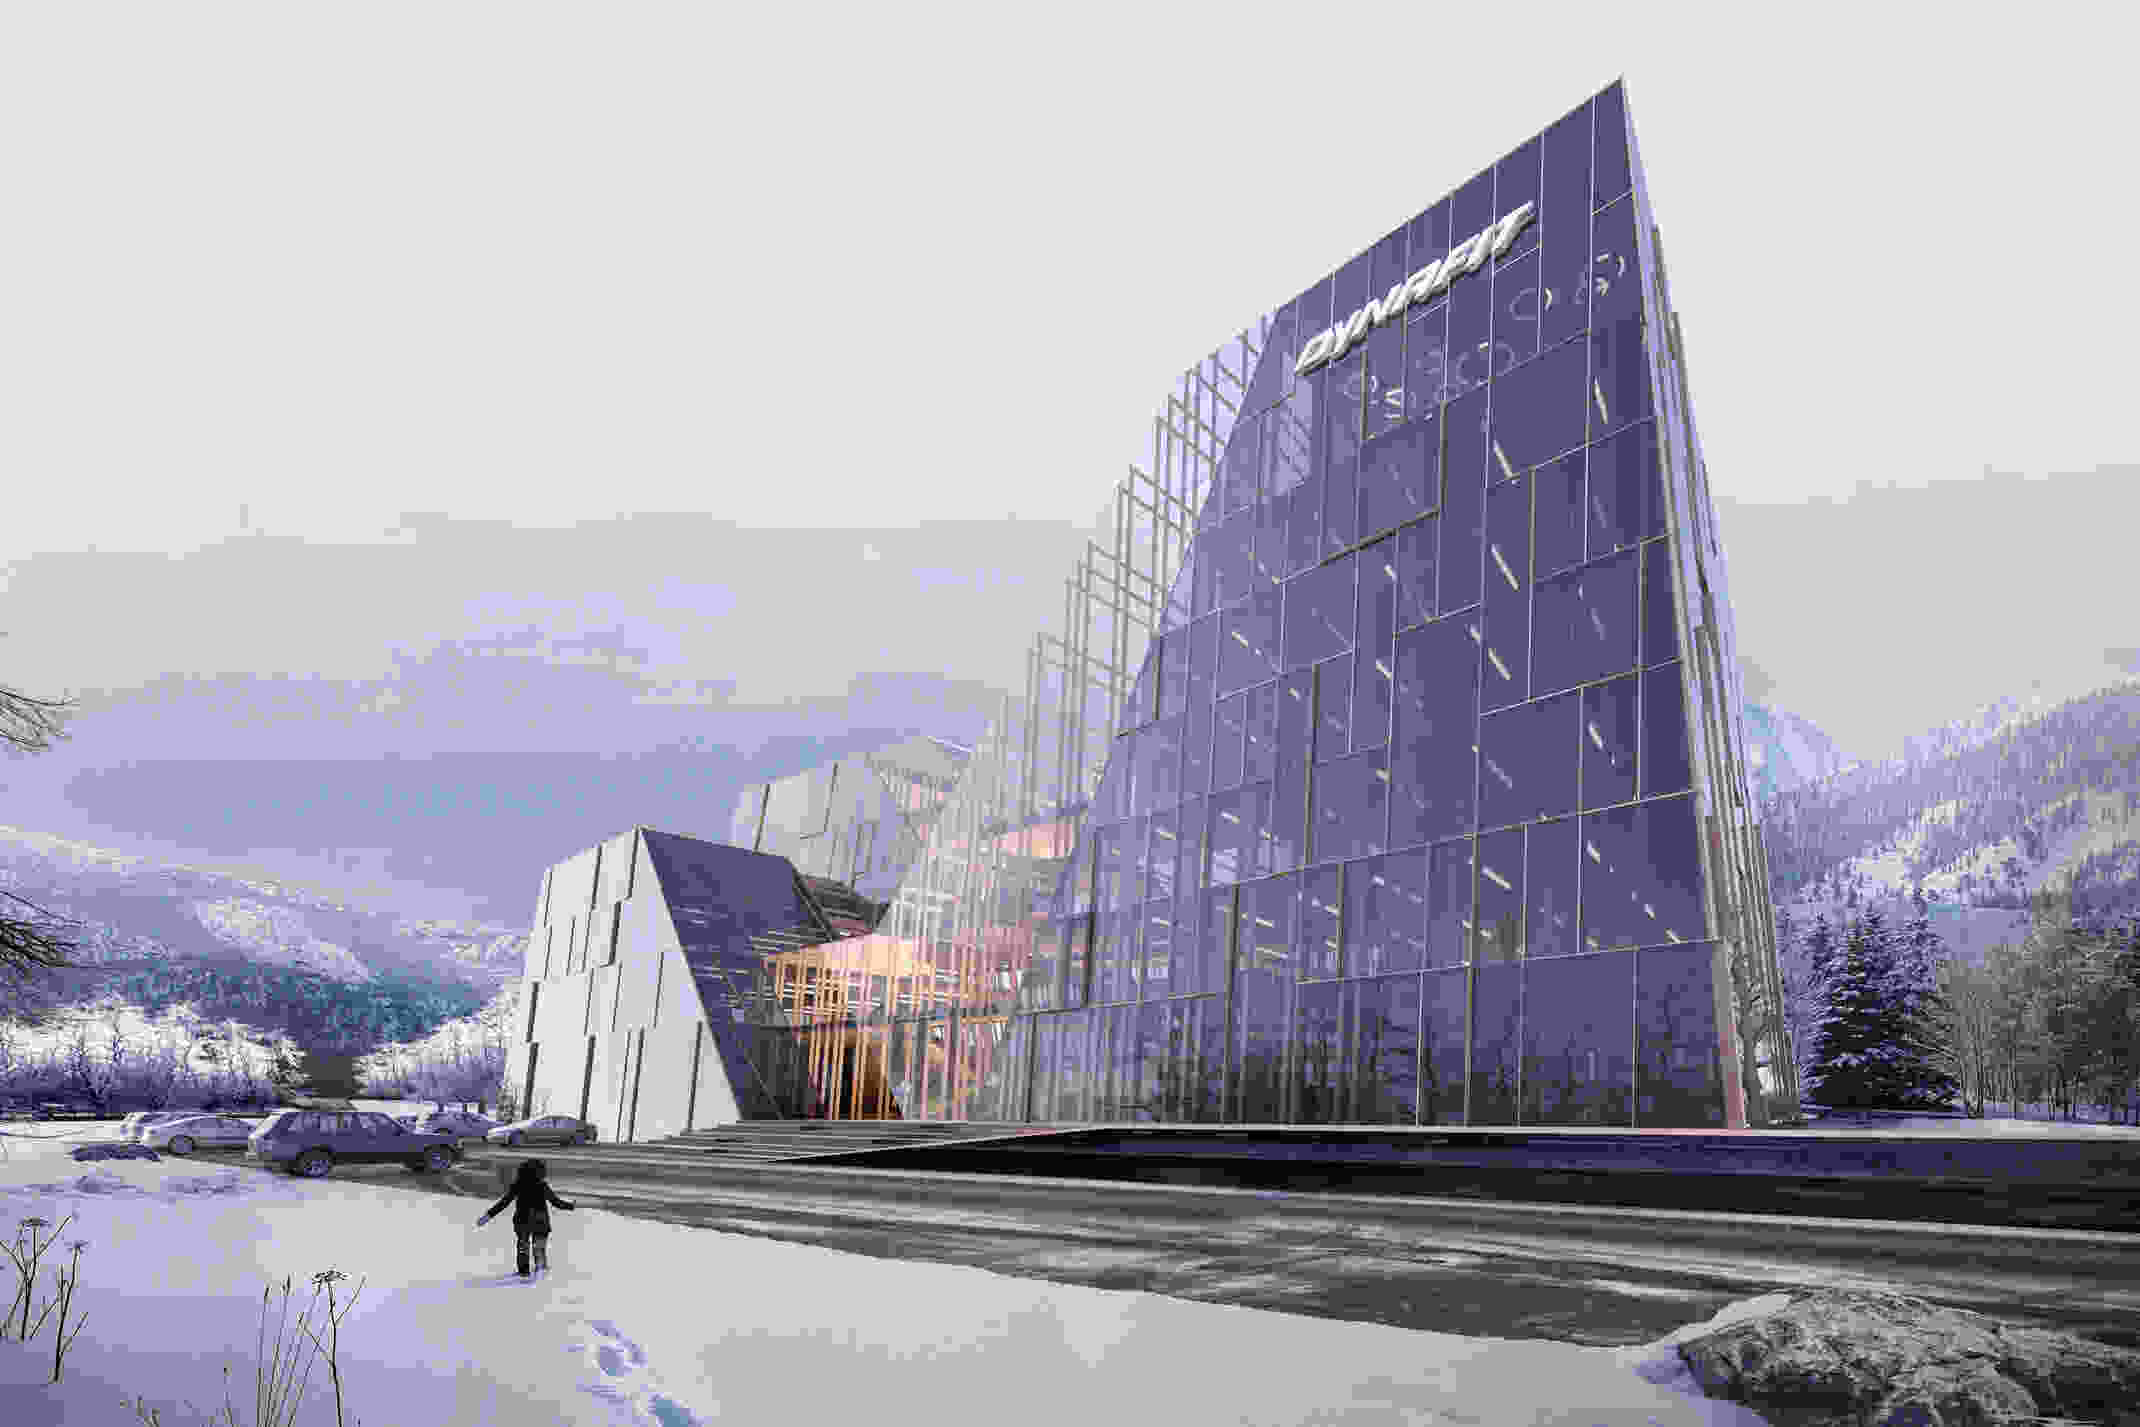 432 dm DYNAFIT Headquarter vis 004 exterior view